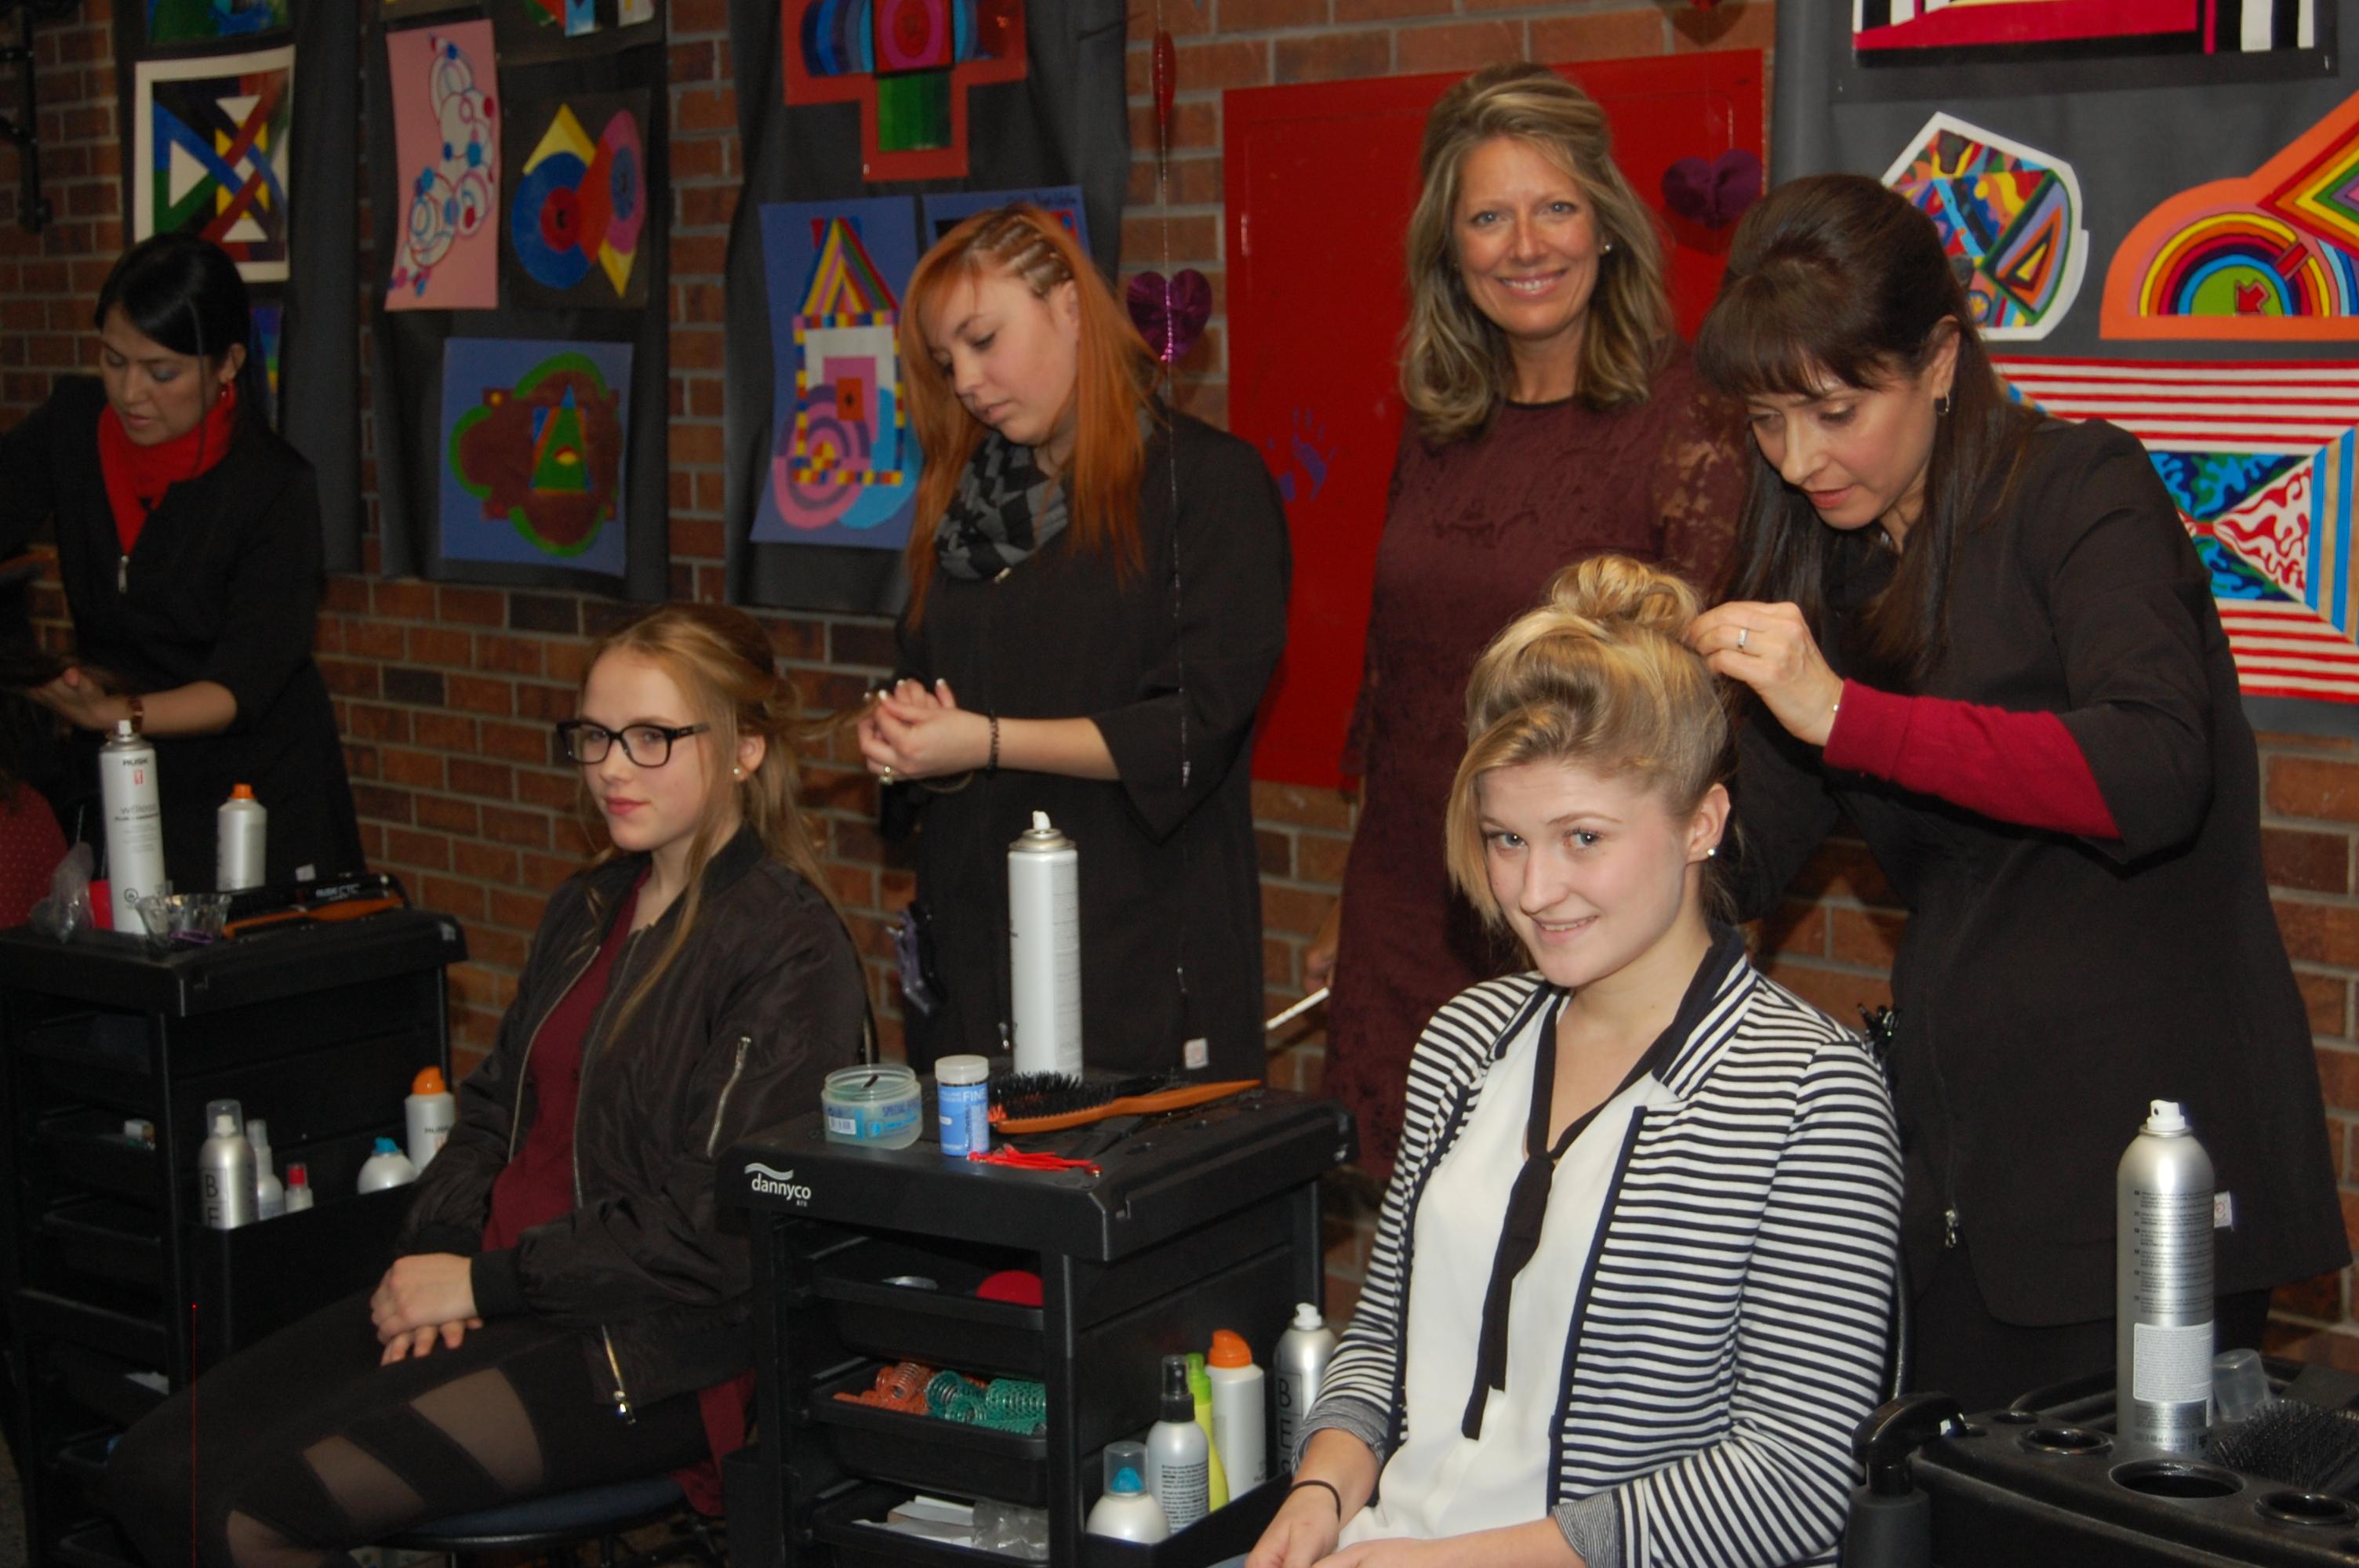 Concours de coiffure CRIF-JHL du 14 février 2017